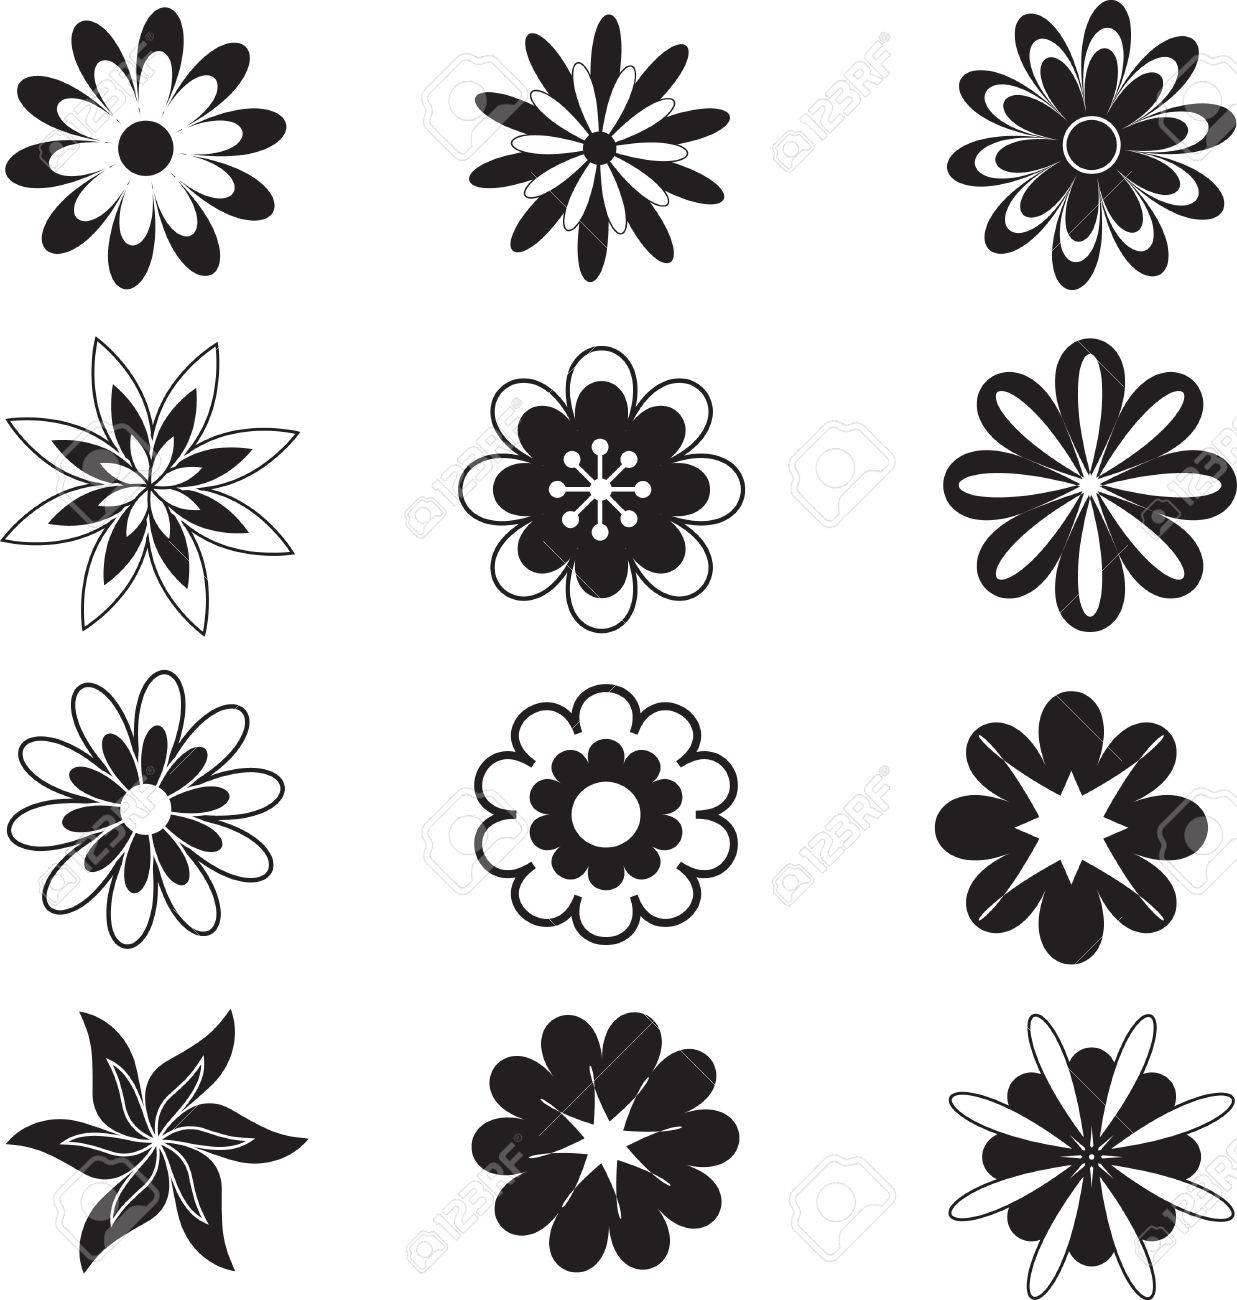 Isole Blanc Et Noir Fleurs Fleur Vecteurs Clip Art Libres De Droits